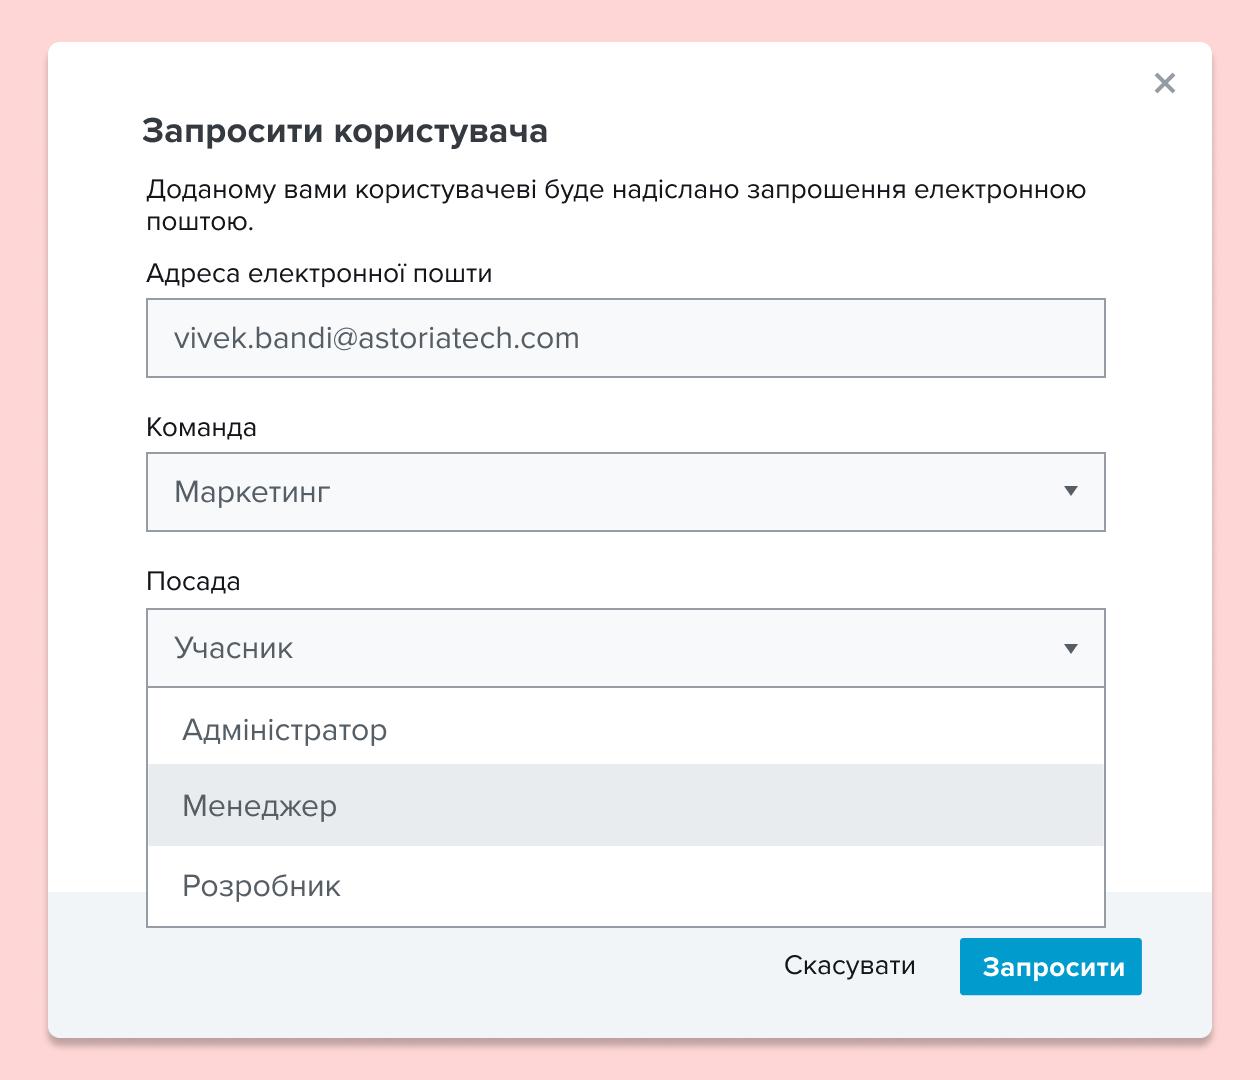 Скріншот запрошення користувача в документ HelloSign із призначенням ролей